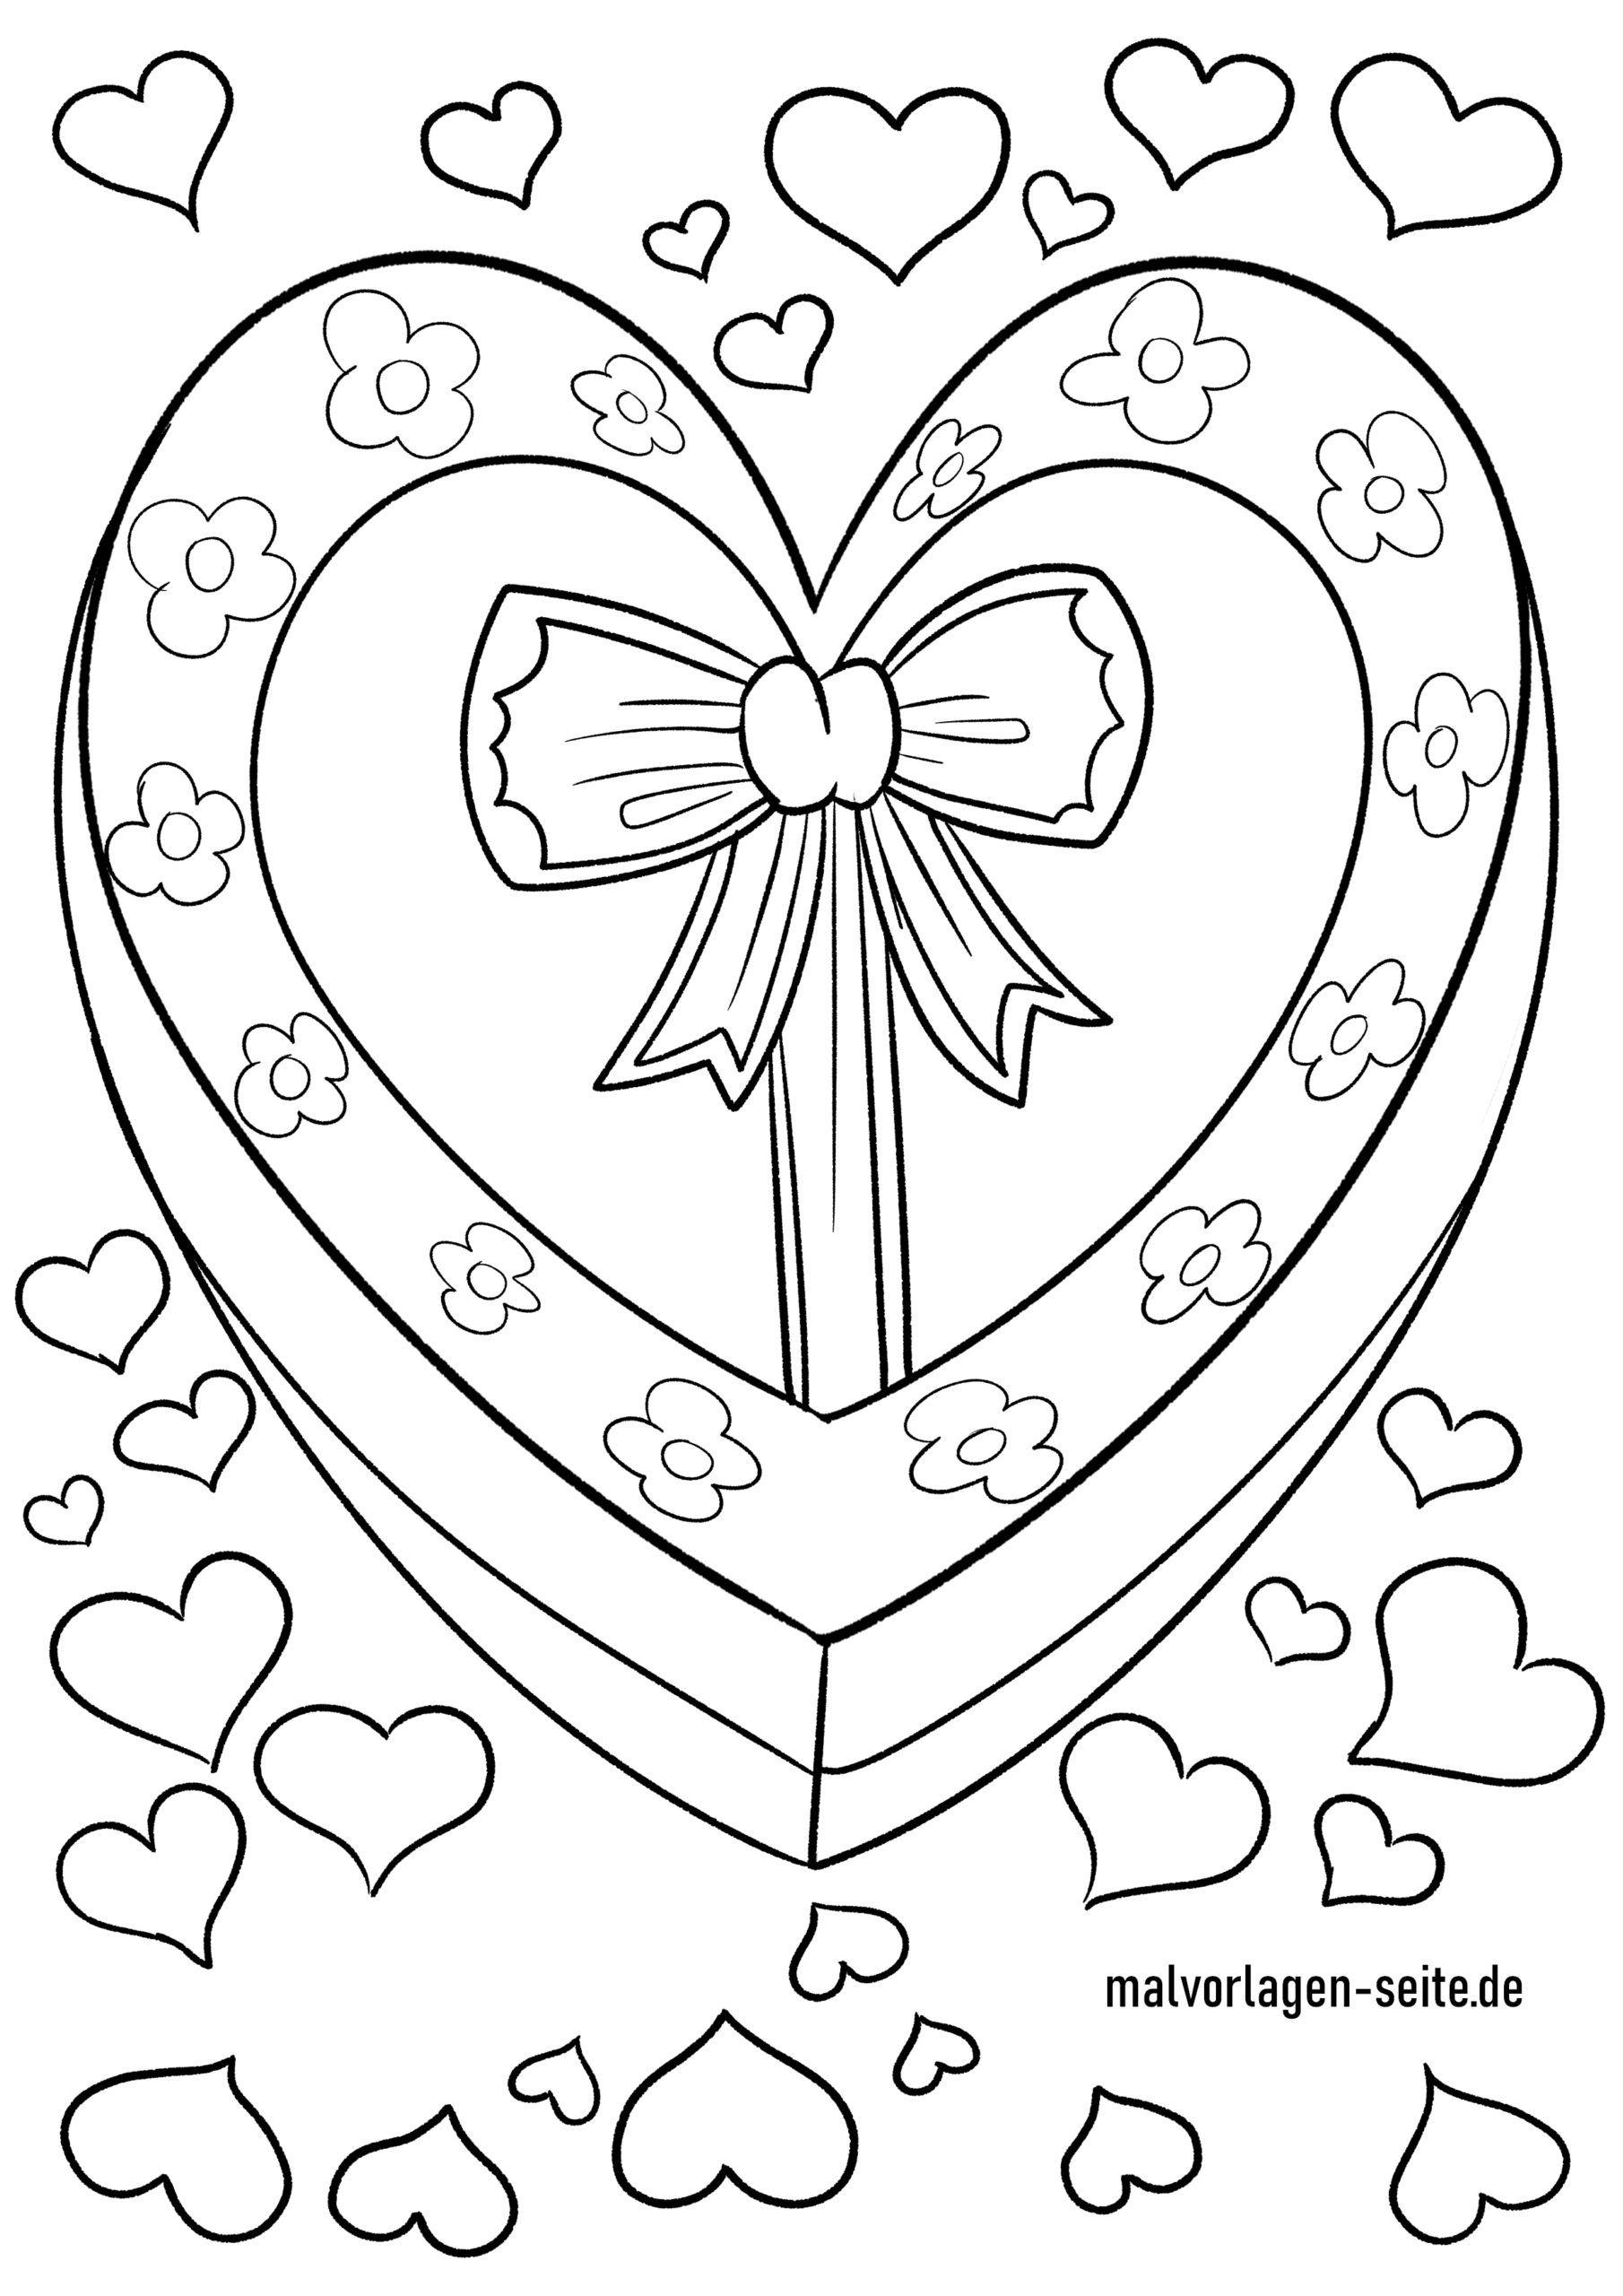 Malvorlage Geburtstag Geschenk - Ausmalbilder Kostenlos bestimmt für Mandalas Geburtstag